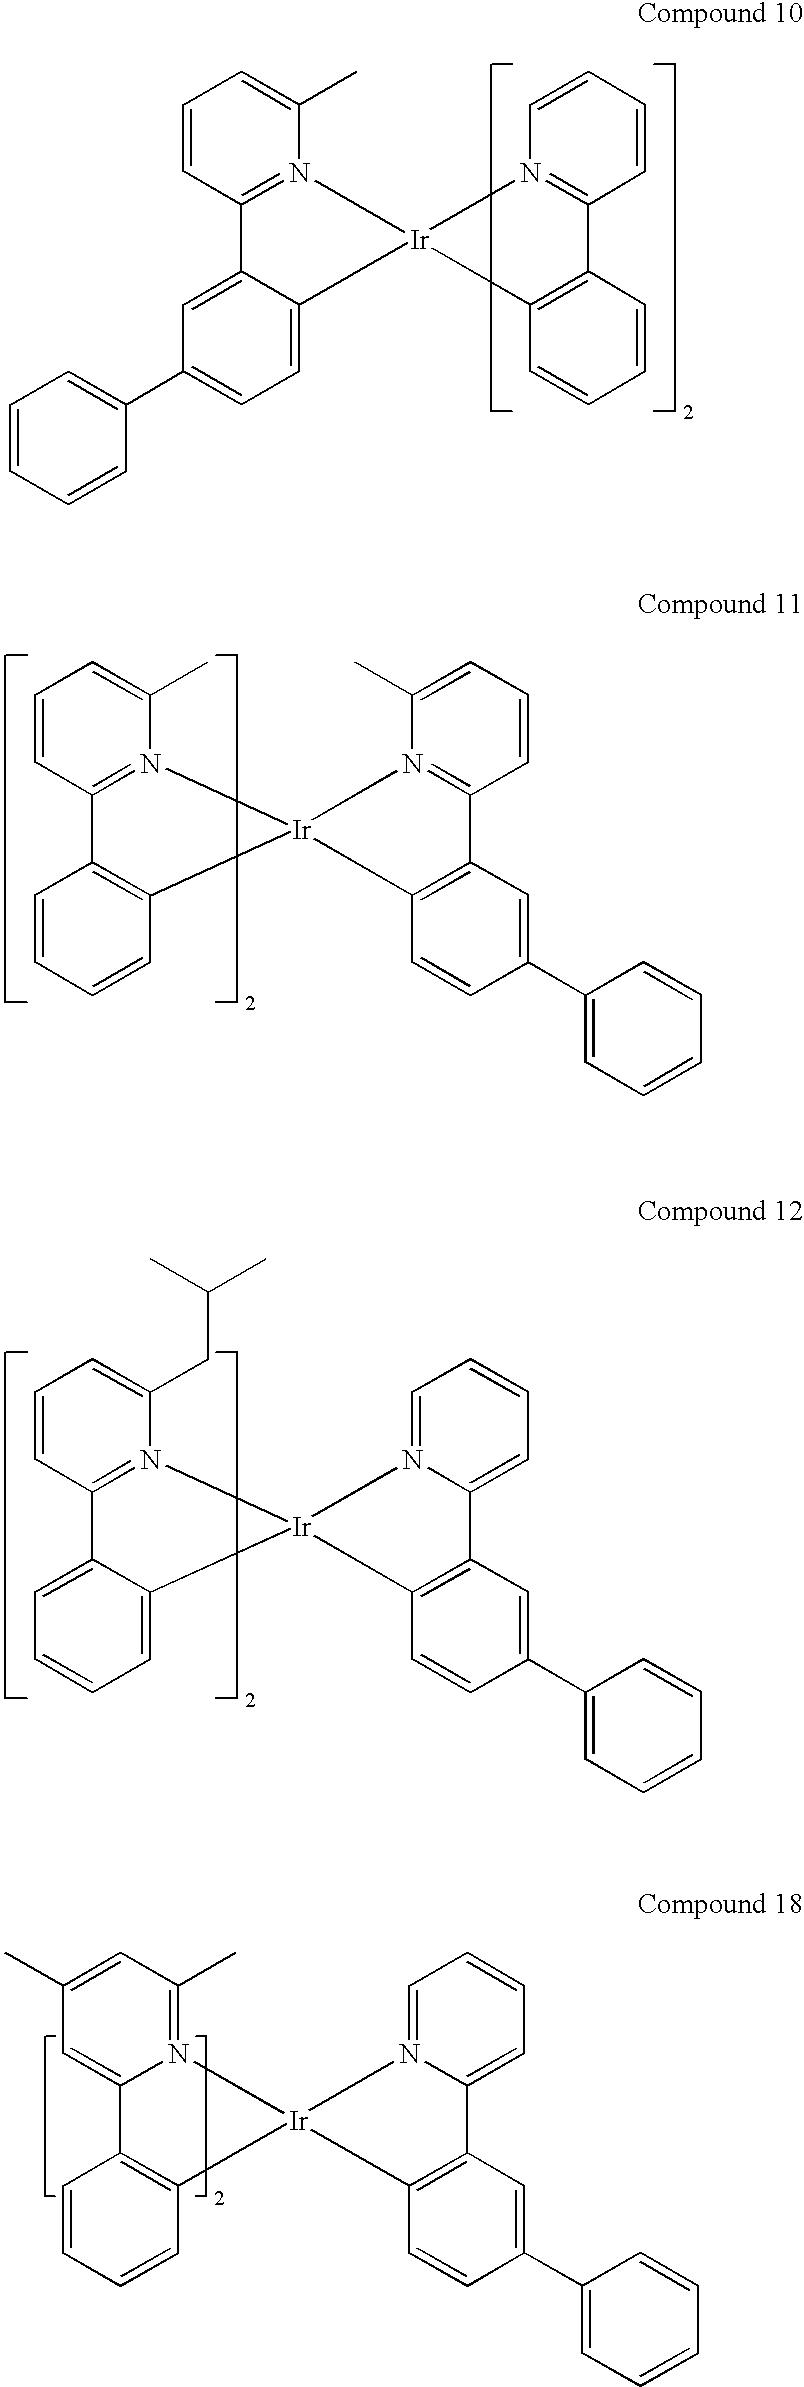 Figure US20090108737A1-20090430-C00018